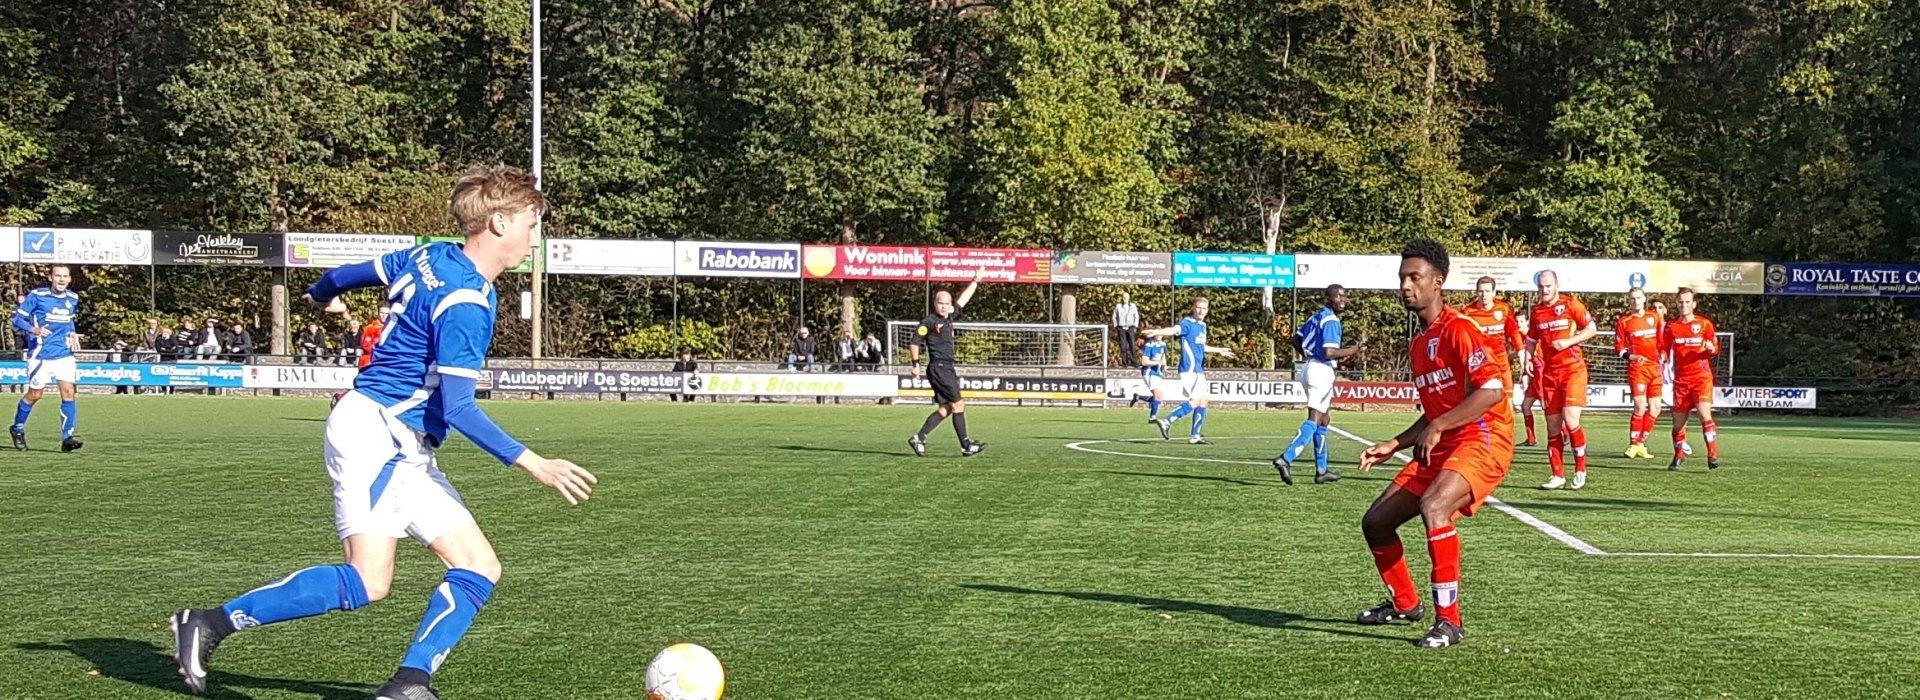 Overtuiging tegen FC Weesp